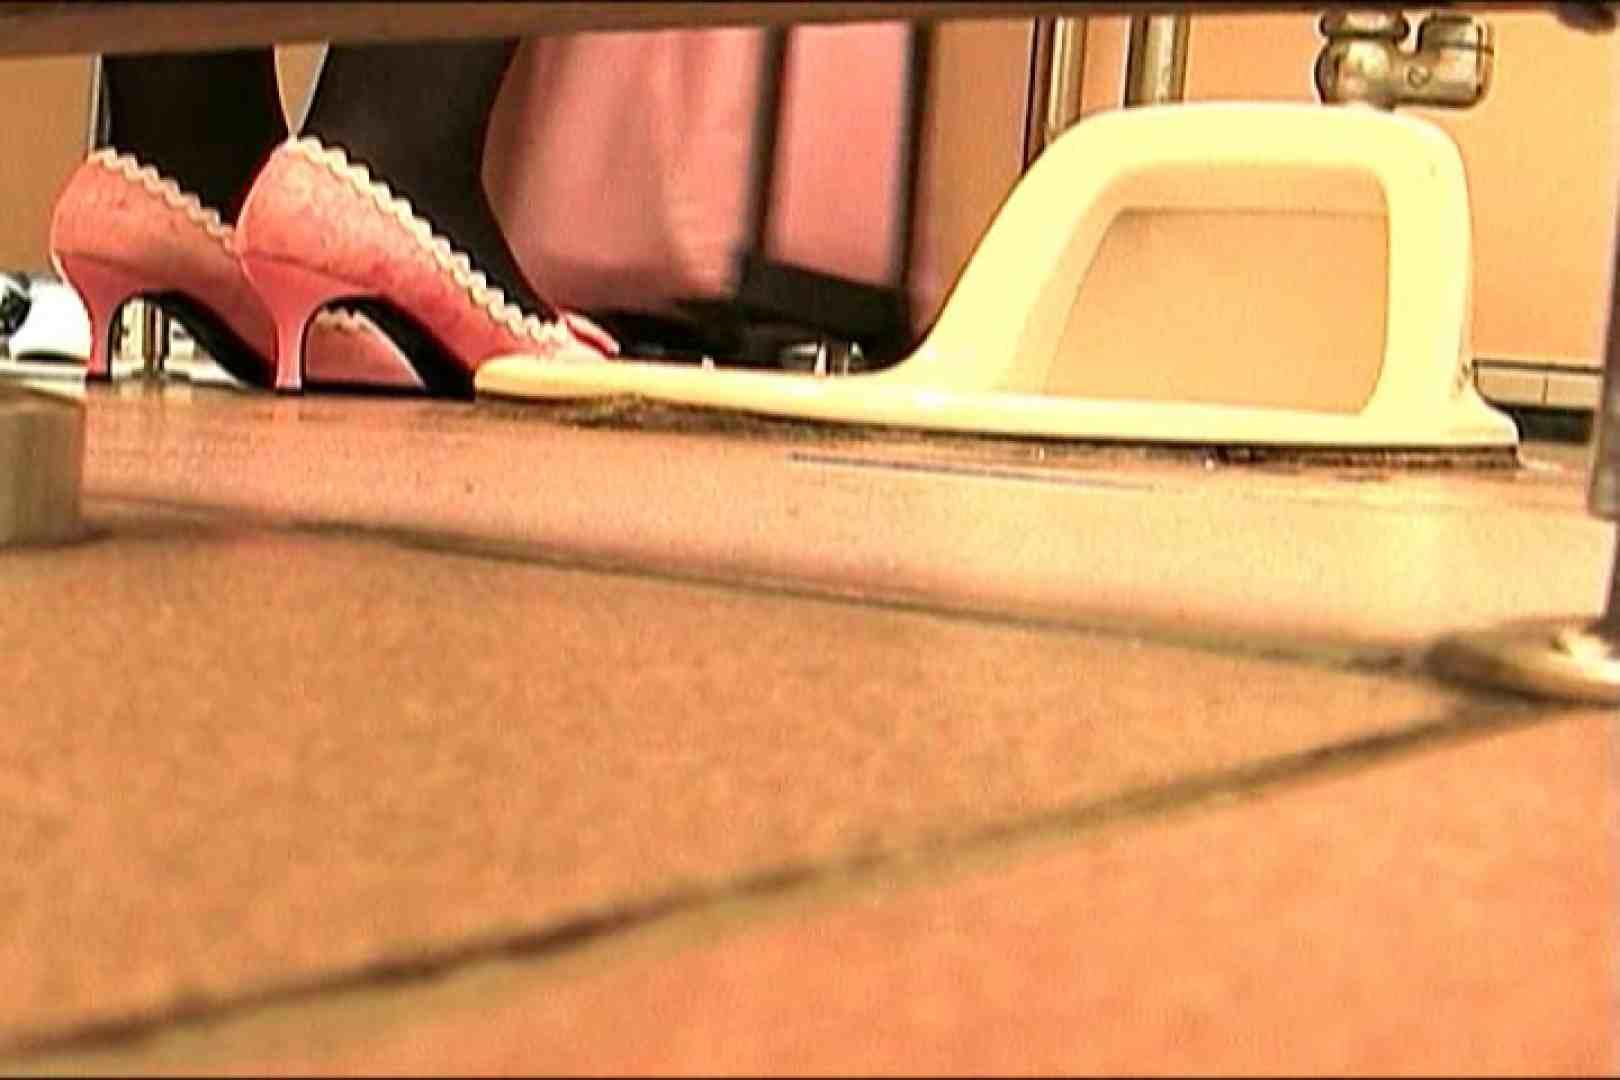 マンコ丸見え女子洗面所Vol.4 マンコ | 丸見え  64画像 55